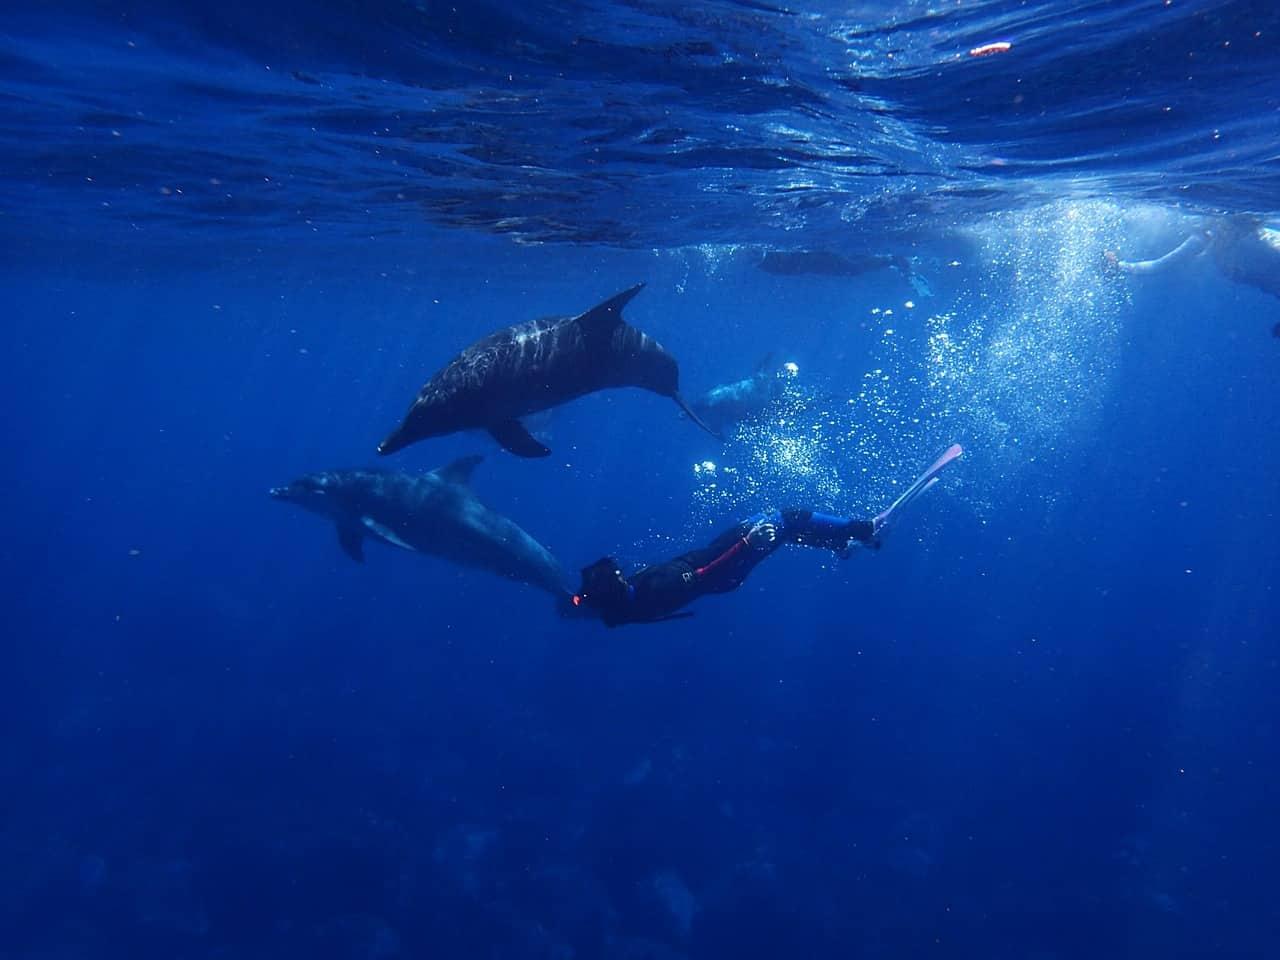 diving in a blue ocean